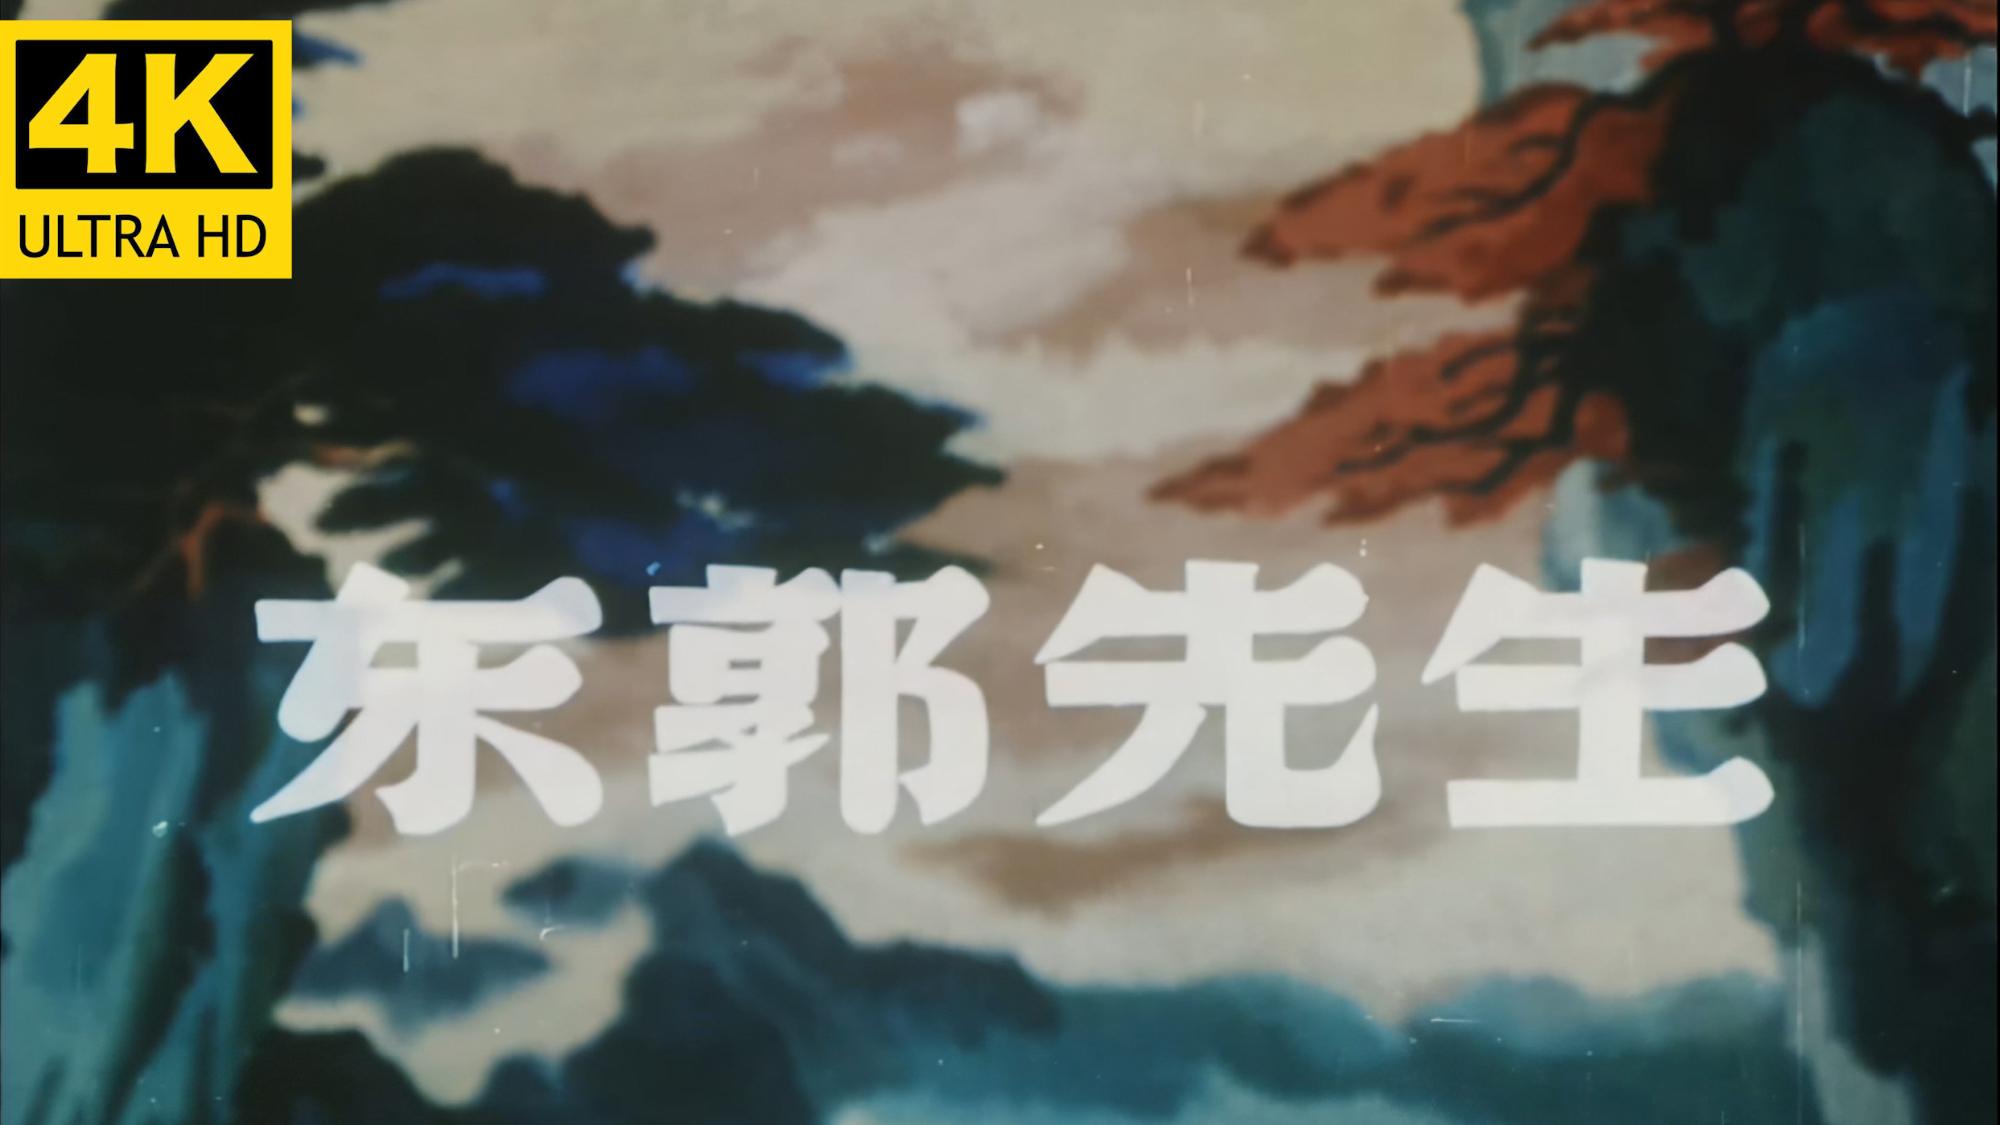 【4k修复】国产经典动画片东郭先生【极品收藏级画质】